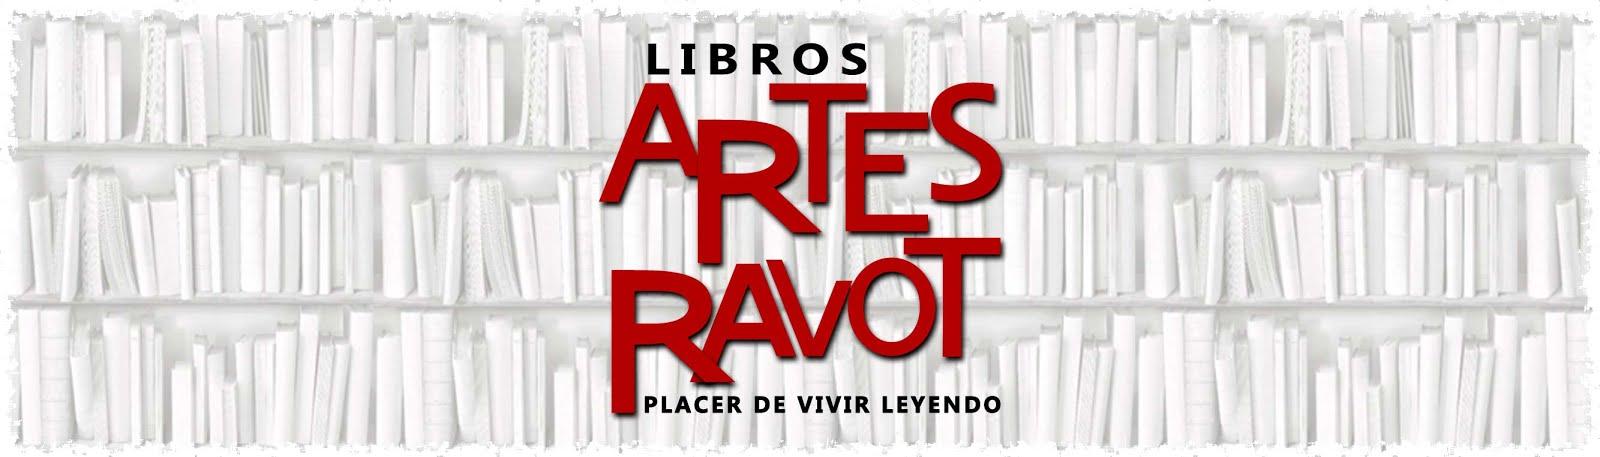 ARTES RAVOT